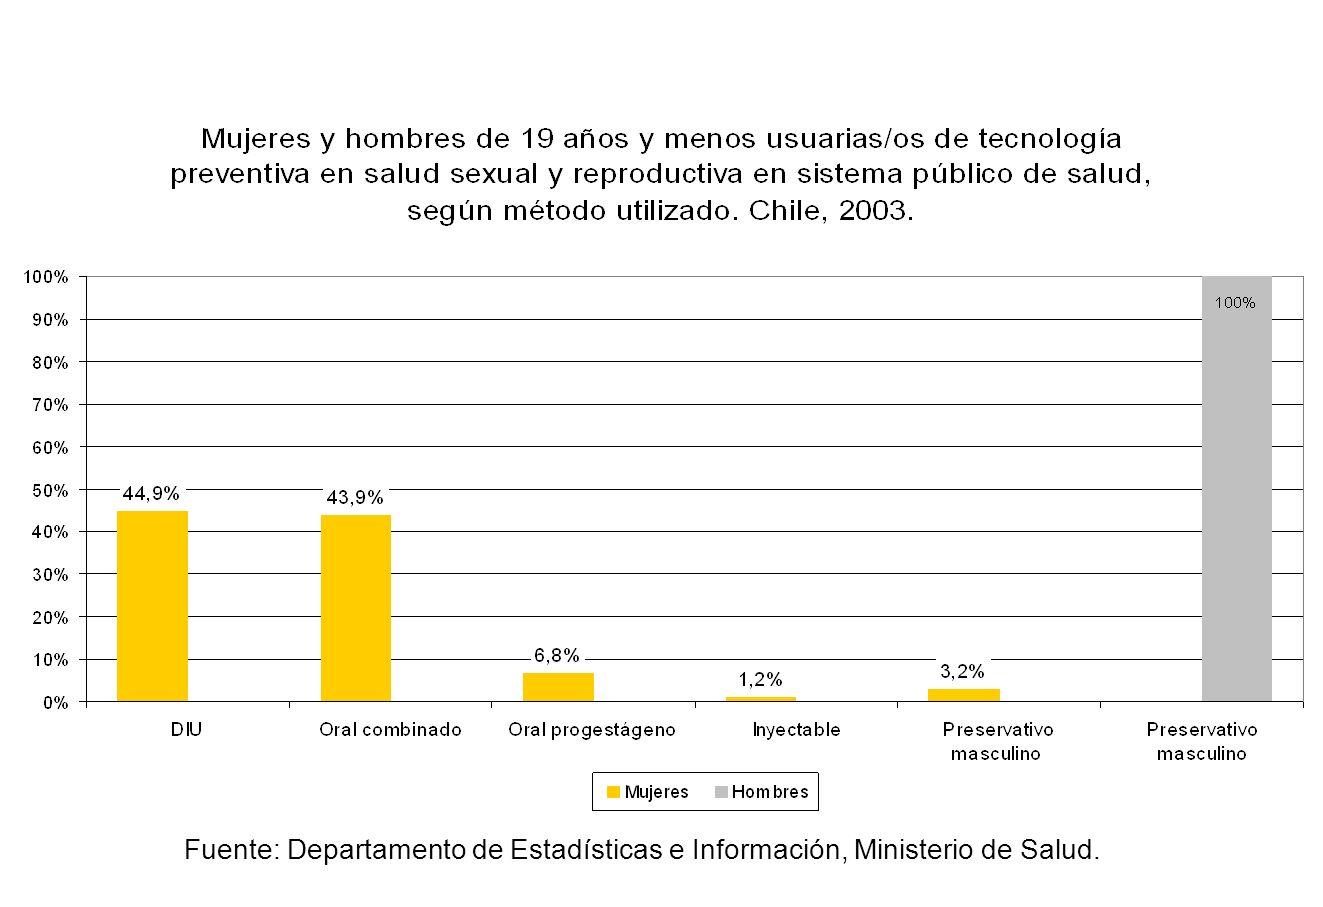 Fuente: Departamento de Estadísticas e Información, Ministerio de Salud.